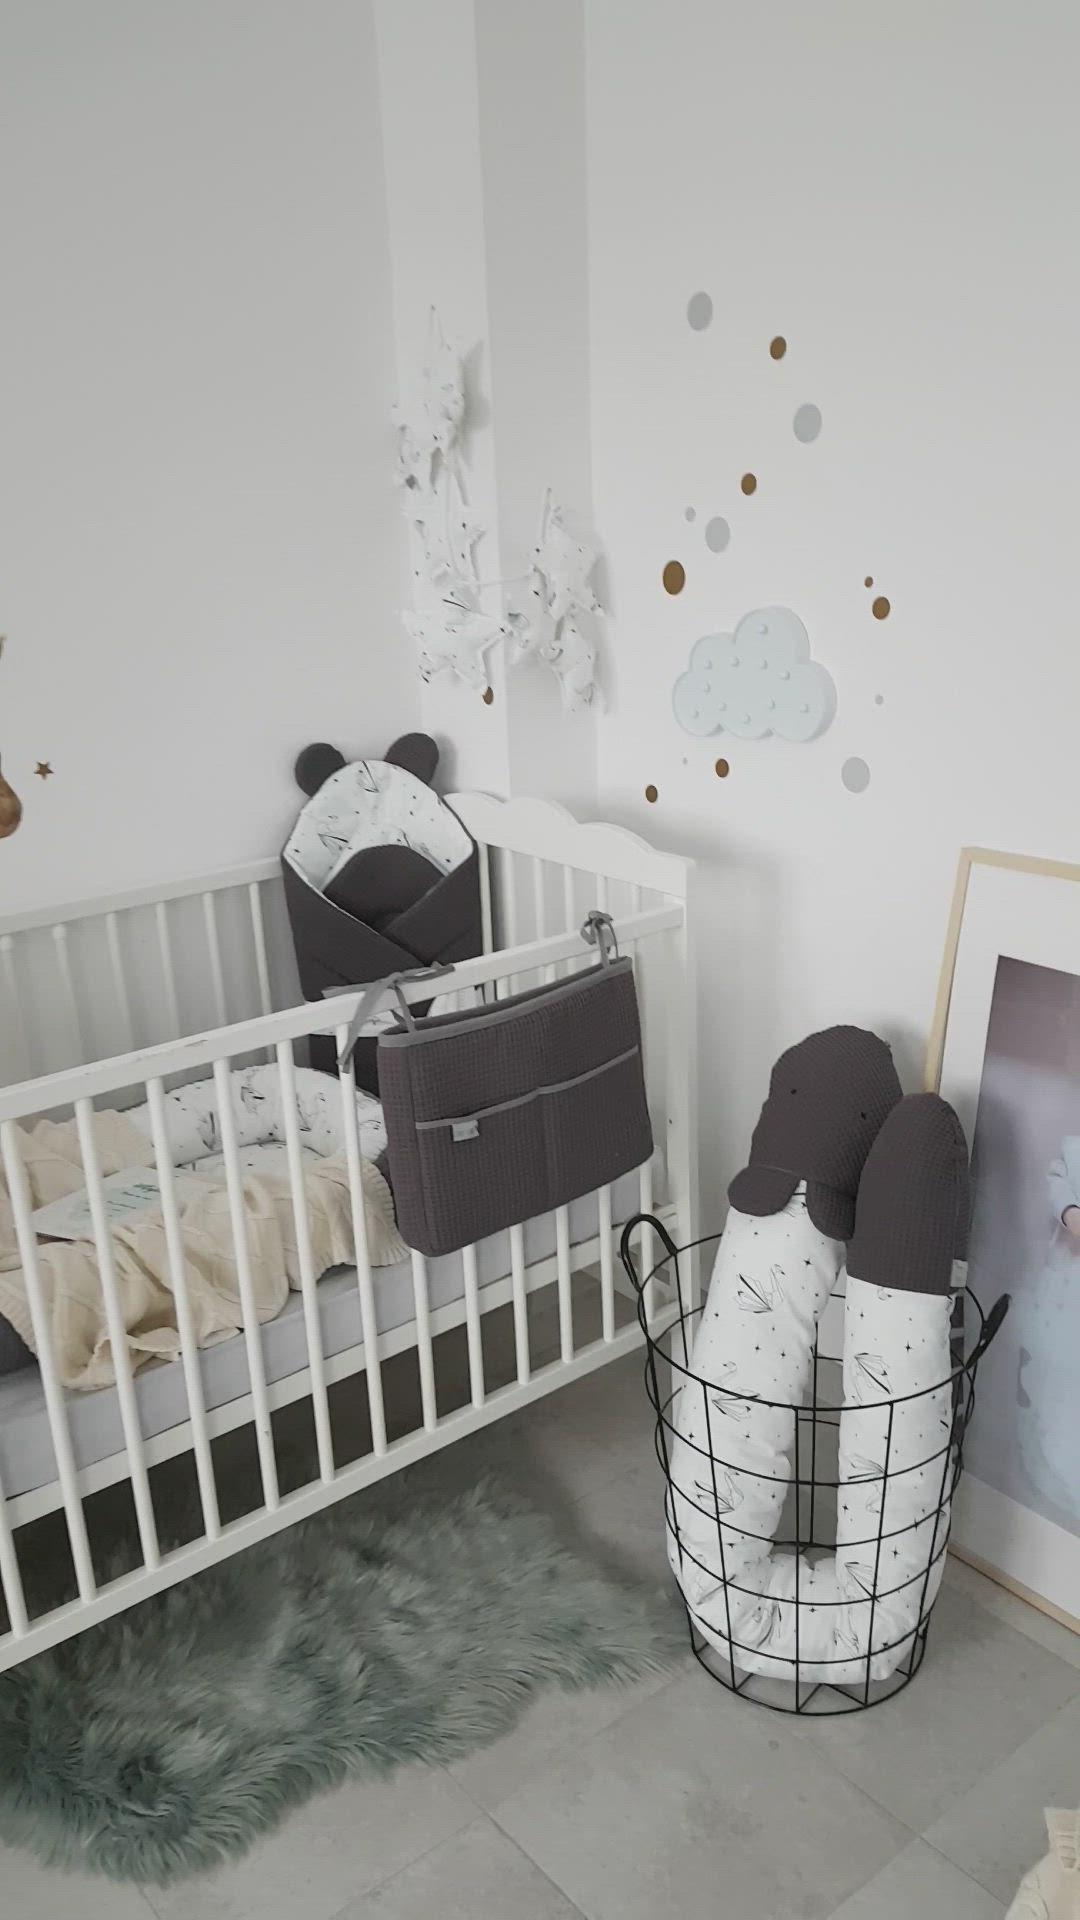 Pokoj Niemowlecy W Bialo Grafitowo Kremowej Wersji Video In 2020 Origami Swan Toddler Bed Baby Nursery